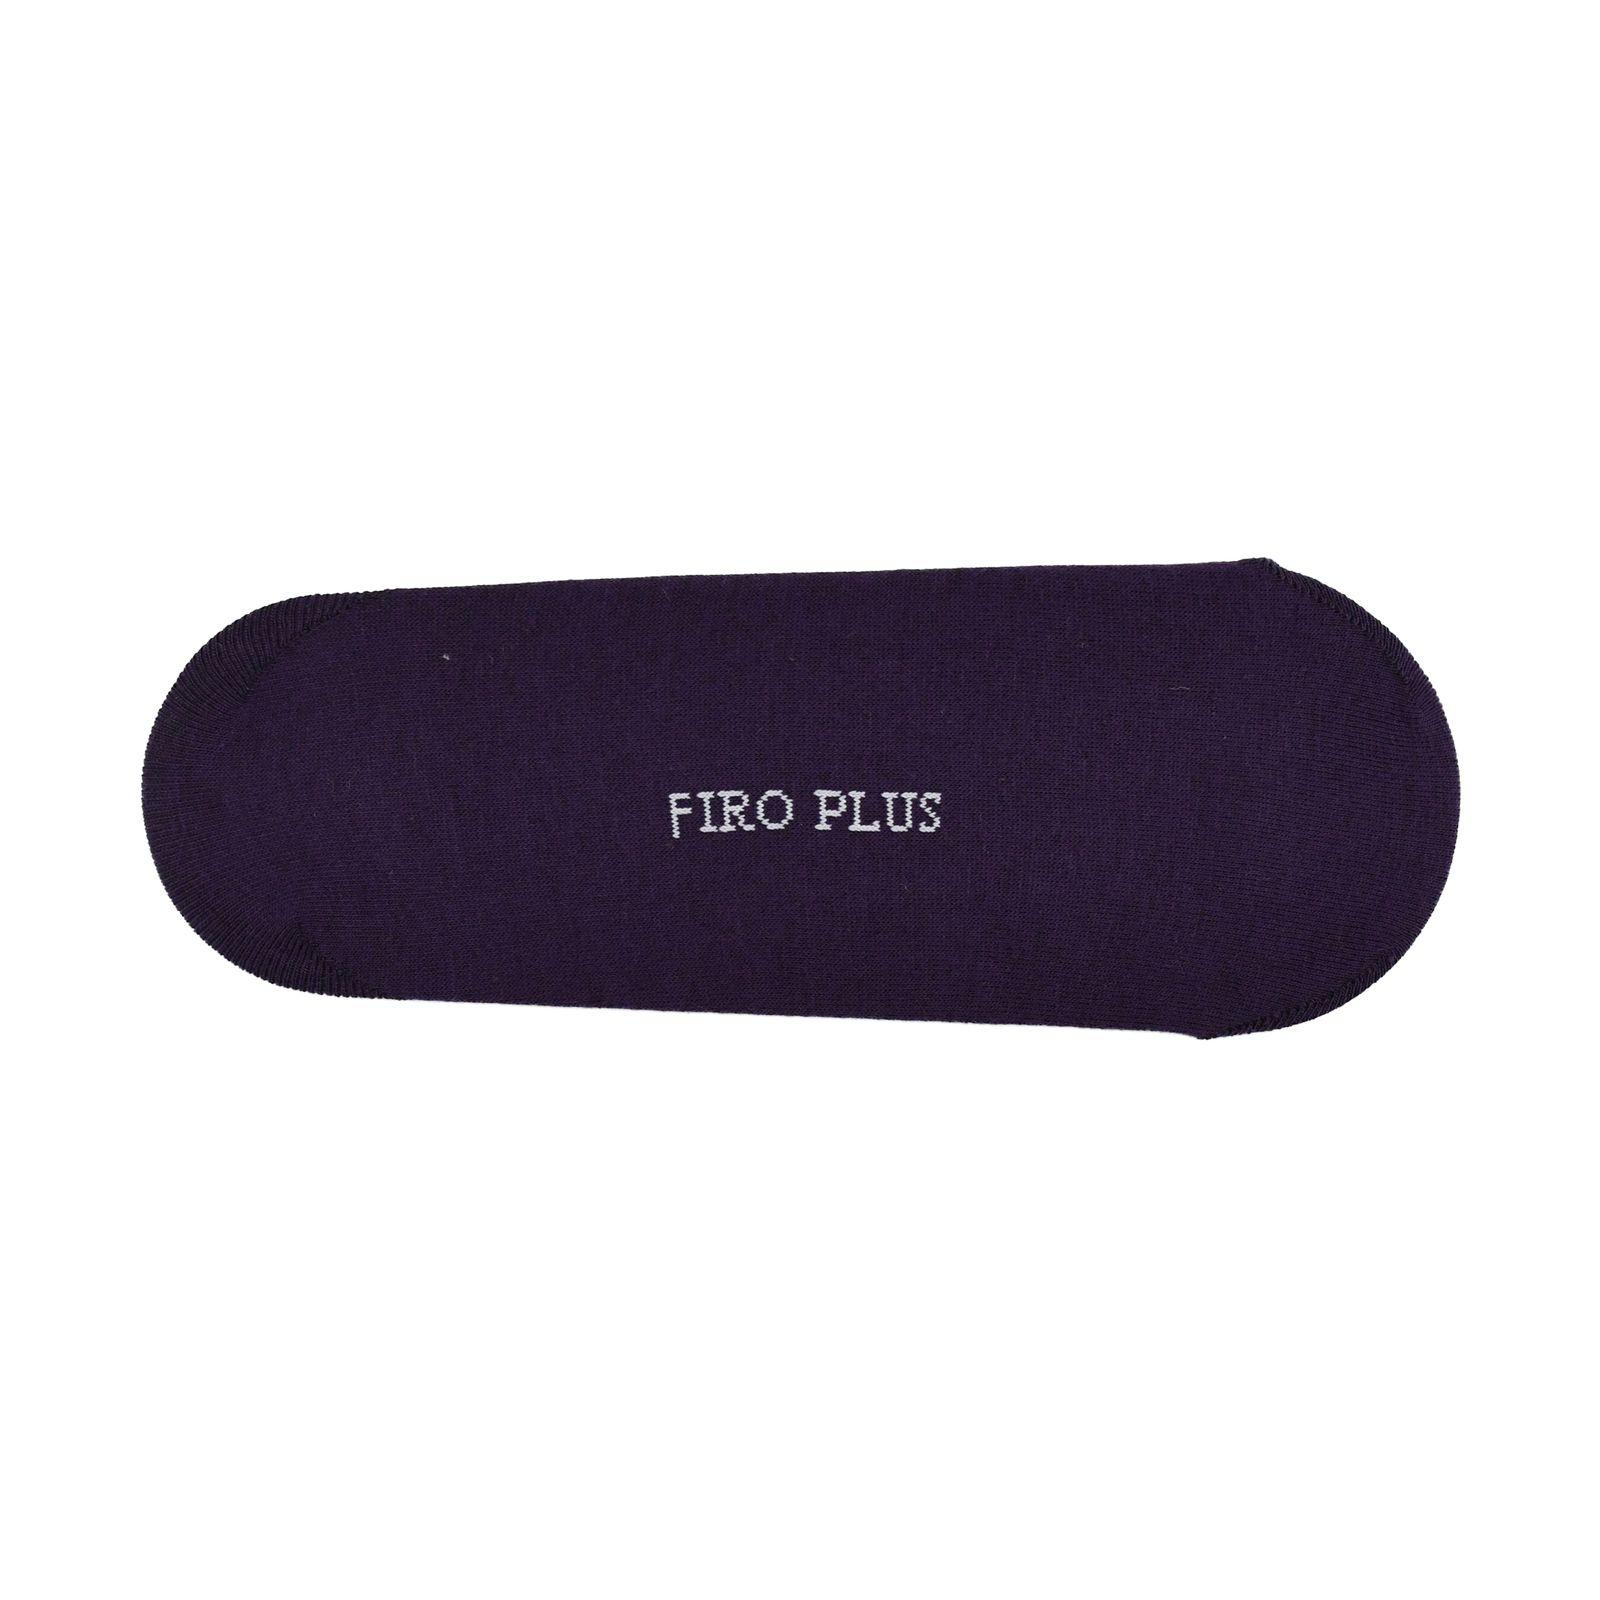 جوراب زنانه فیرو پلاس مدل KL301 مجموعه 3 عددی -  - 4